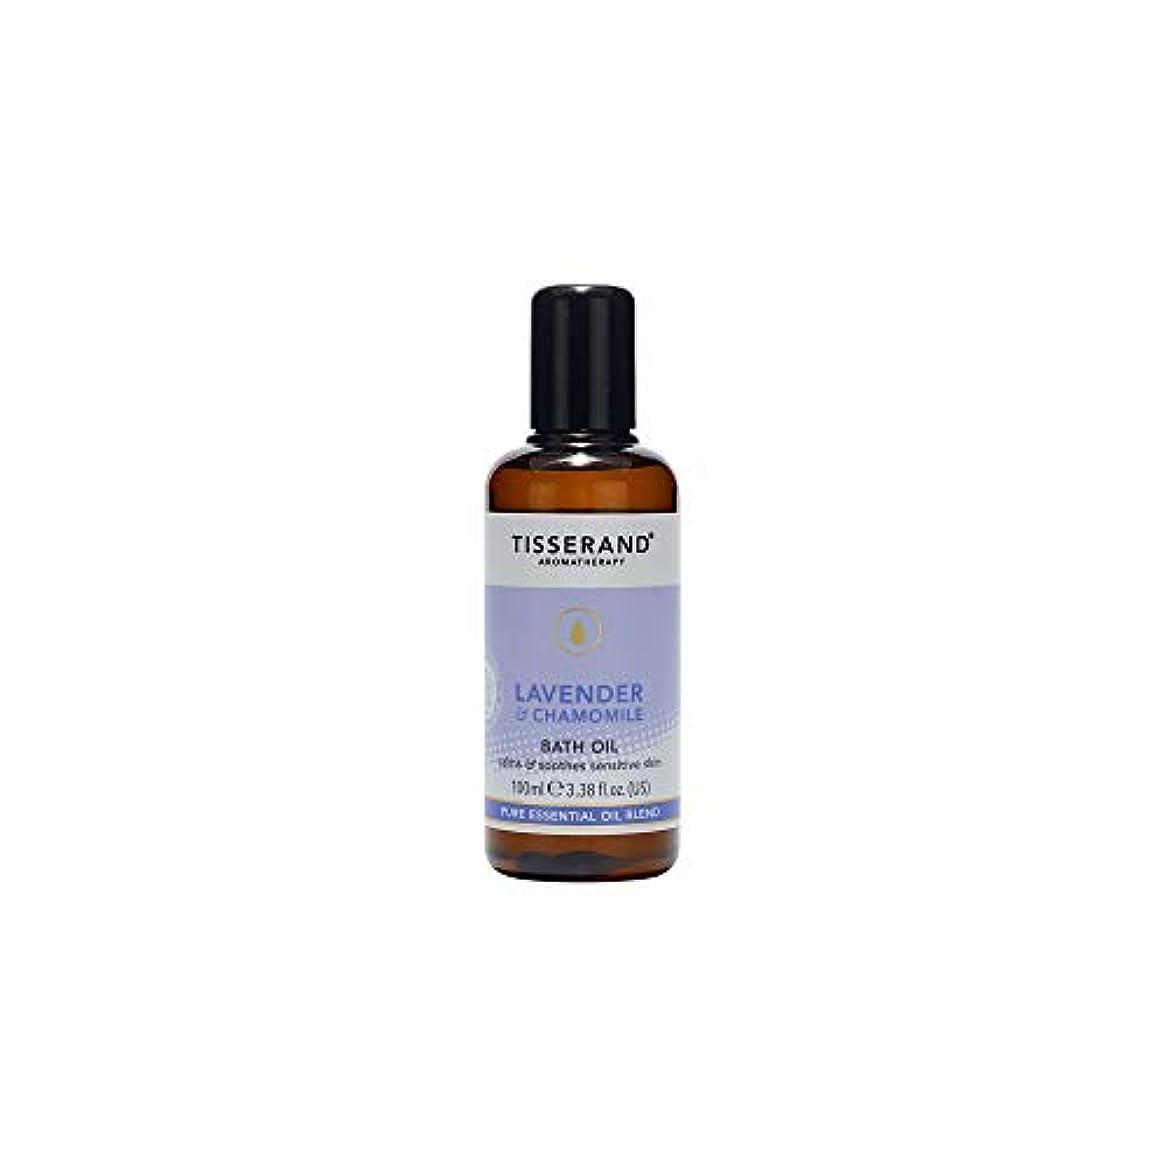 不利益検査パーツ[Tisserand] ティスランドアロマラベンダー&カモミールバスオイル100ミリリットル - Tisserand Aromatherapy Lavender & Chamomile Bath Oil 100ml [並行輸入品]